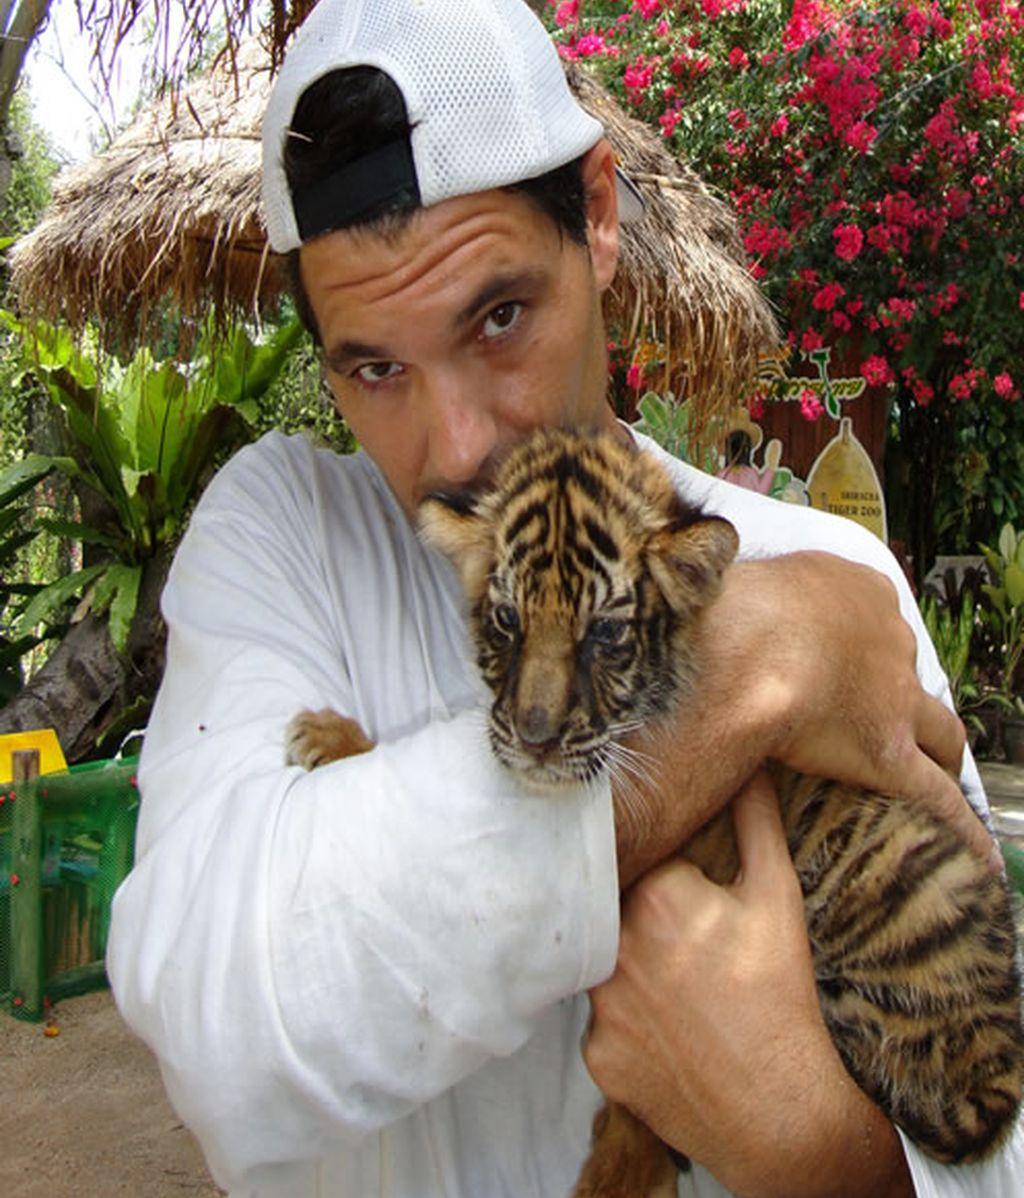 Frank con un tigre cachorro